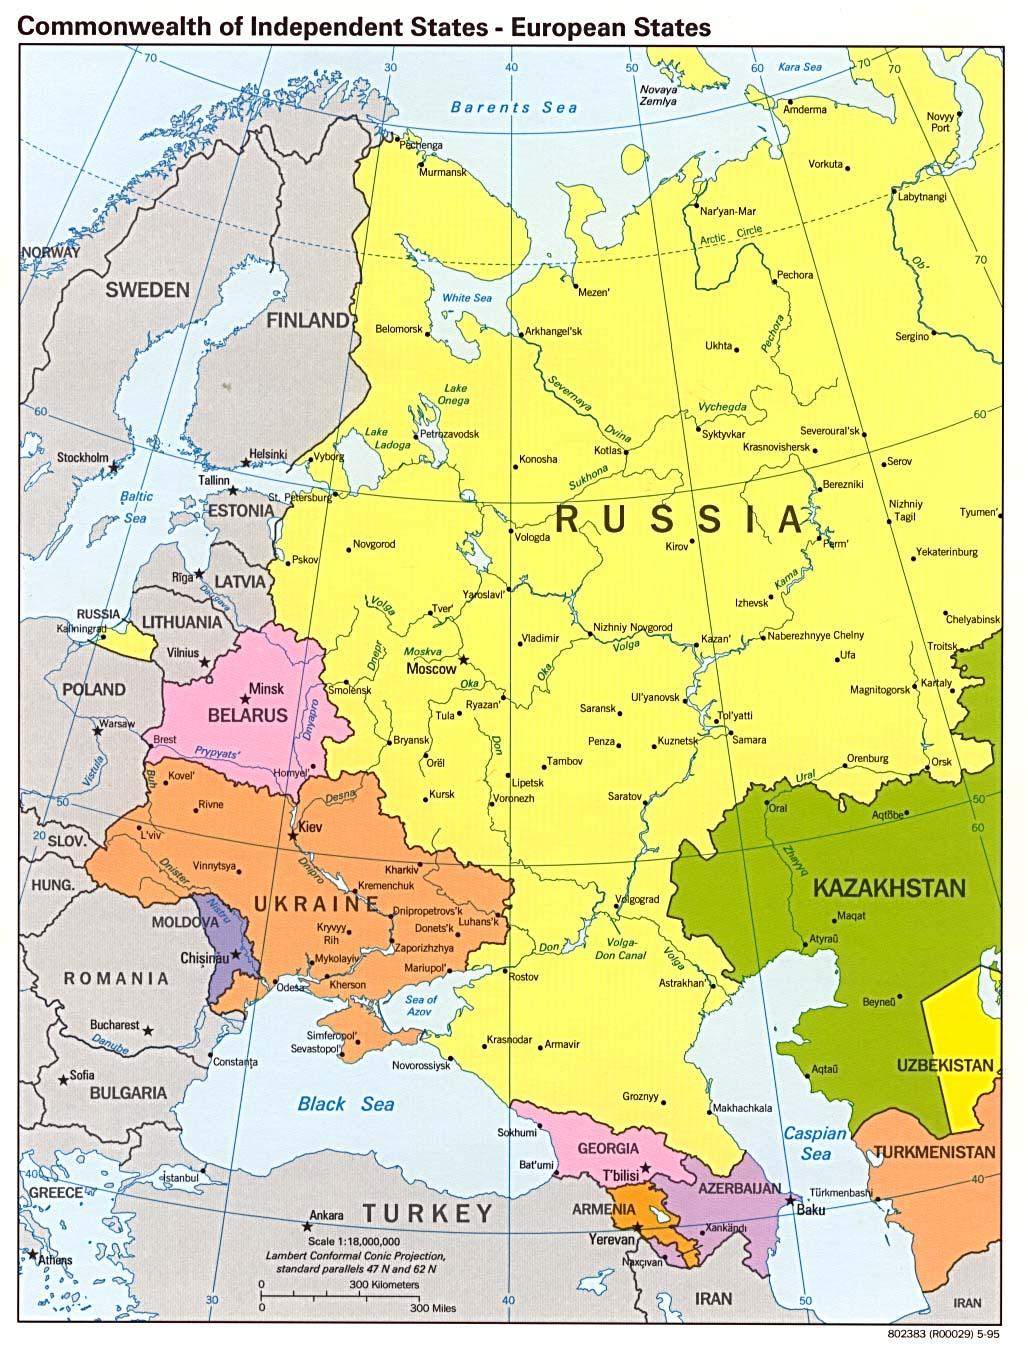 Países Europeos de la Comunidad de Estados Independientes 1995